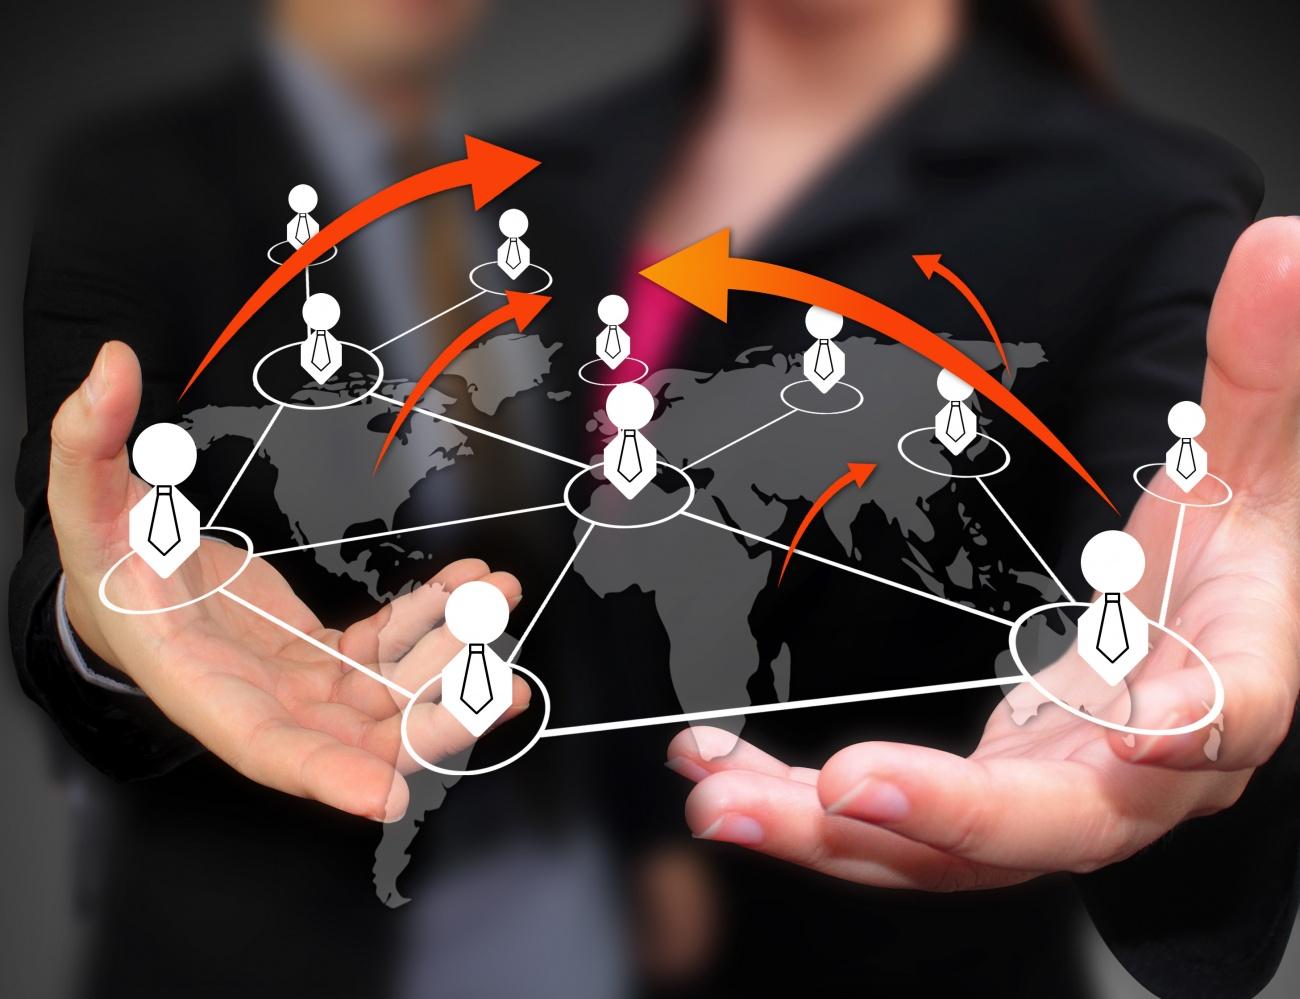 С этого момента у предприятия есть 1 год на проведение всех процедур для перехода в форму акционерного общества